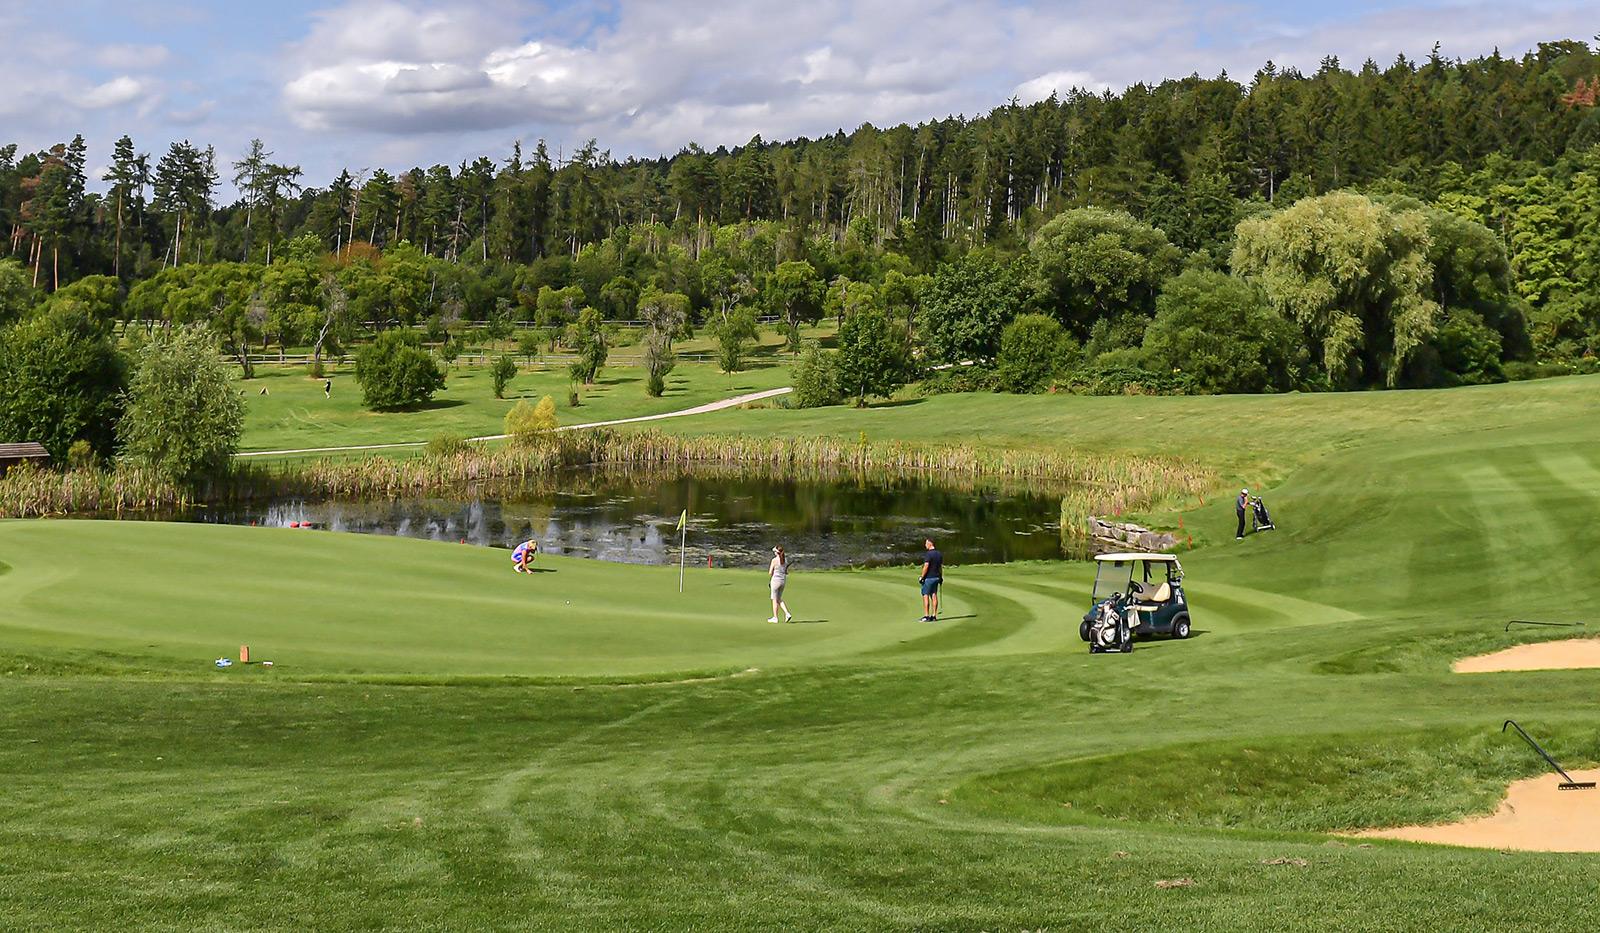 GOLFTrophy golf - Die Triple GOLF Trophy im Weimarer Land feiert 10. Jubiläum